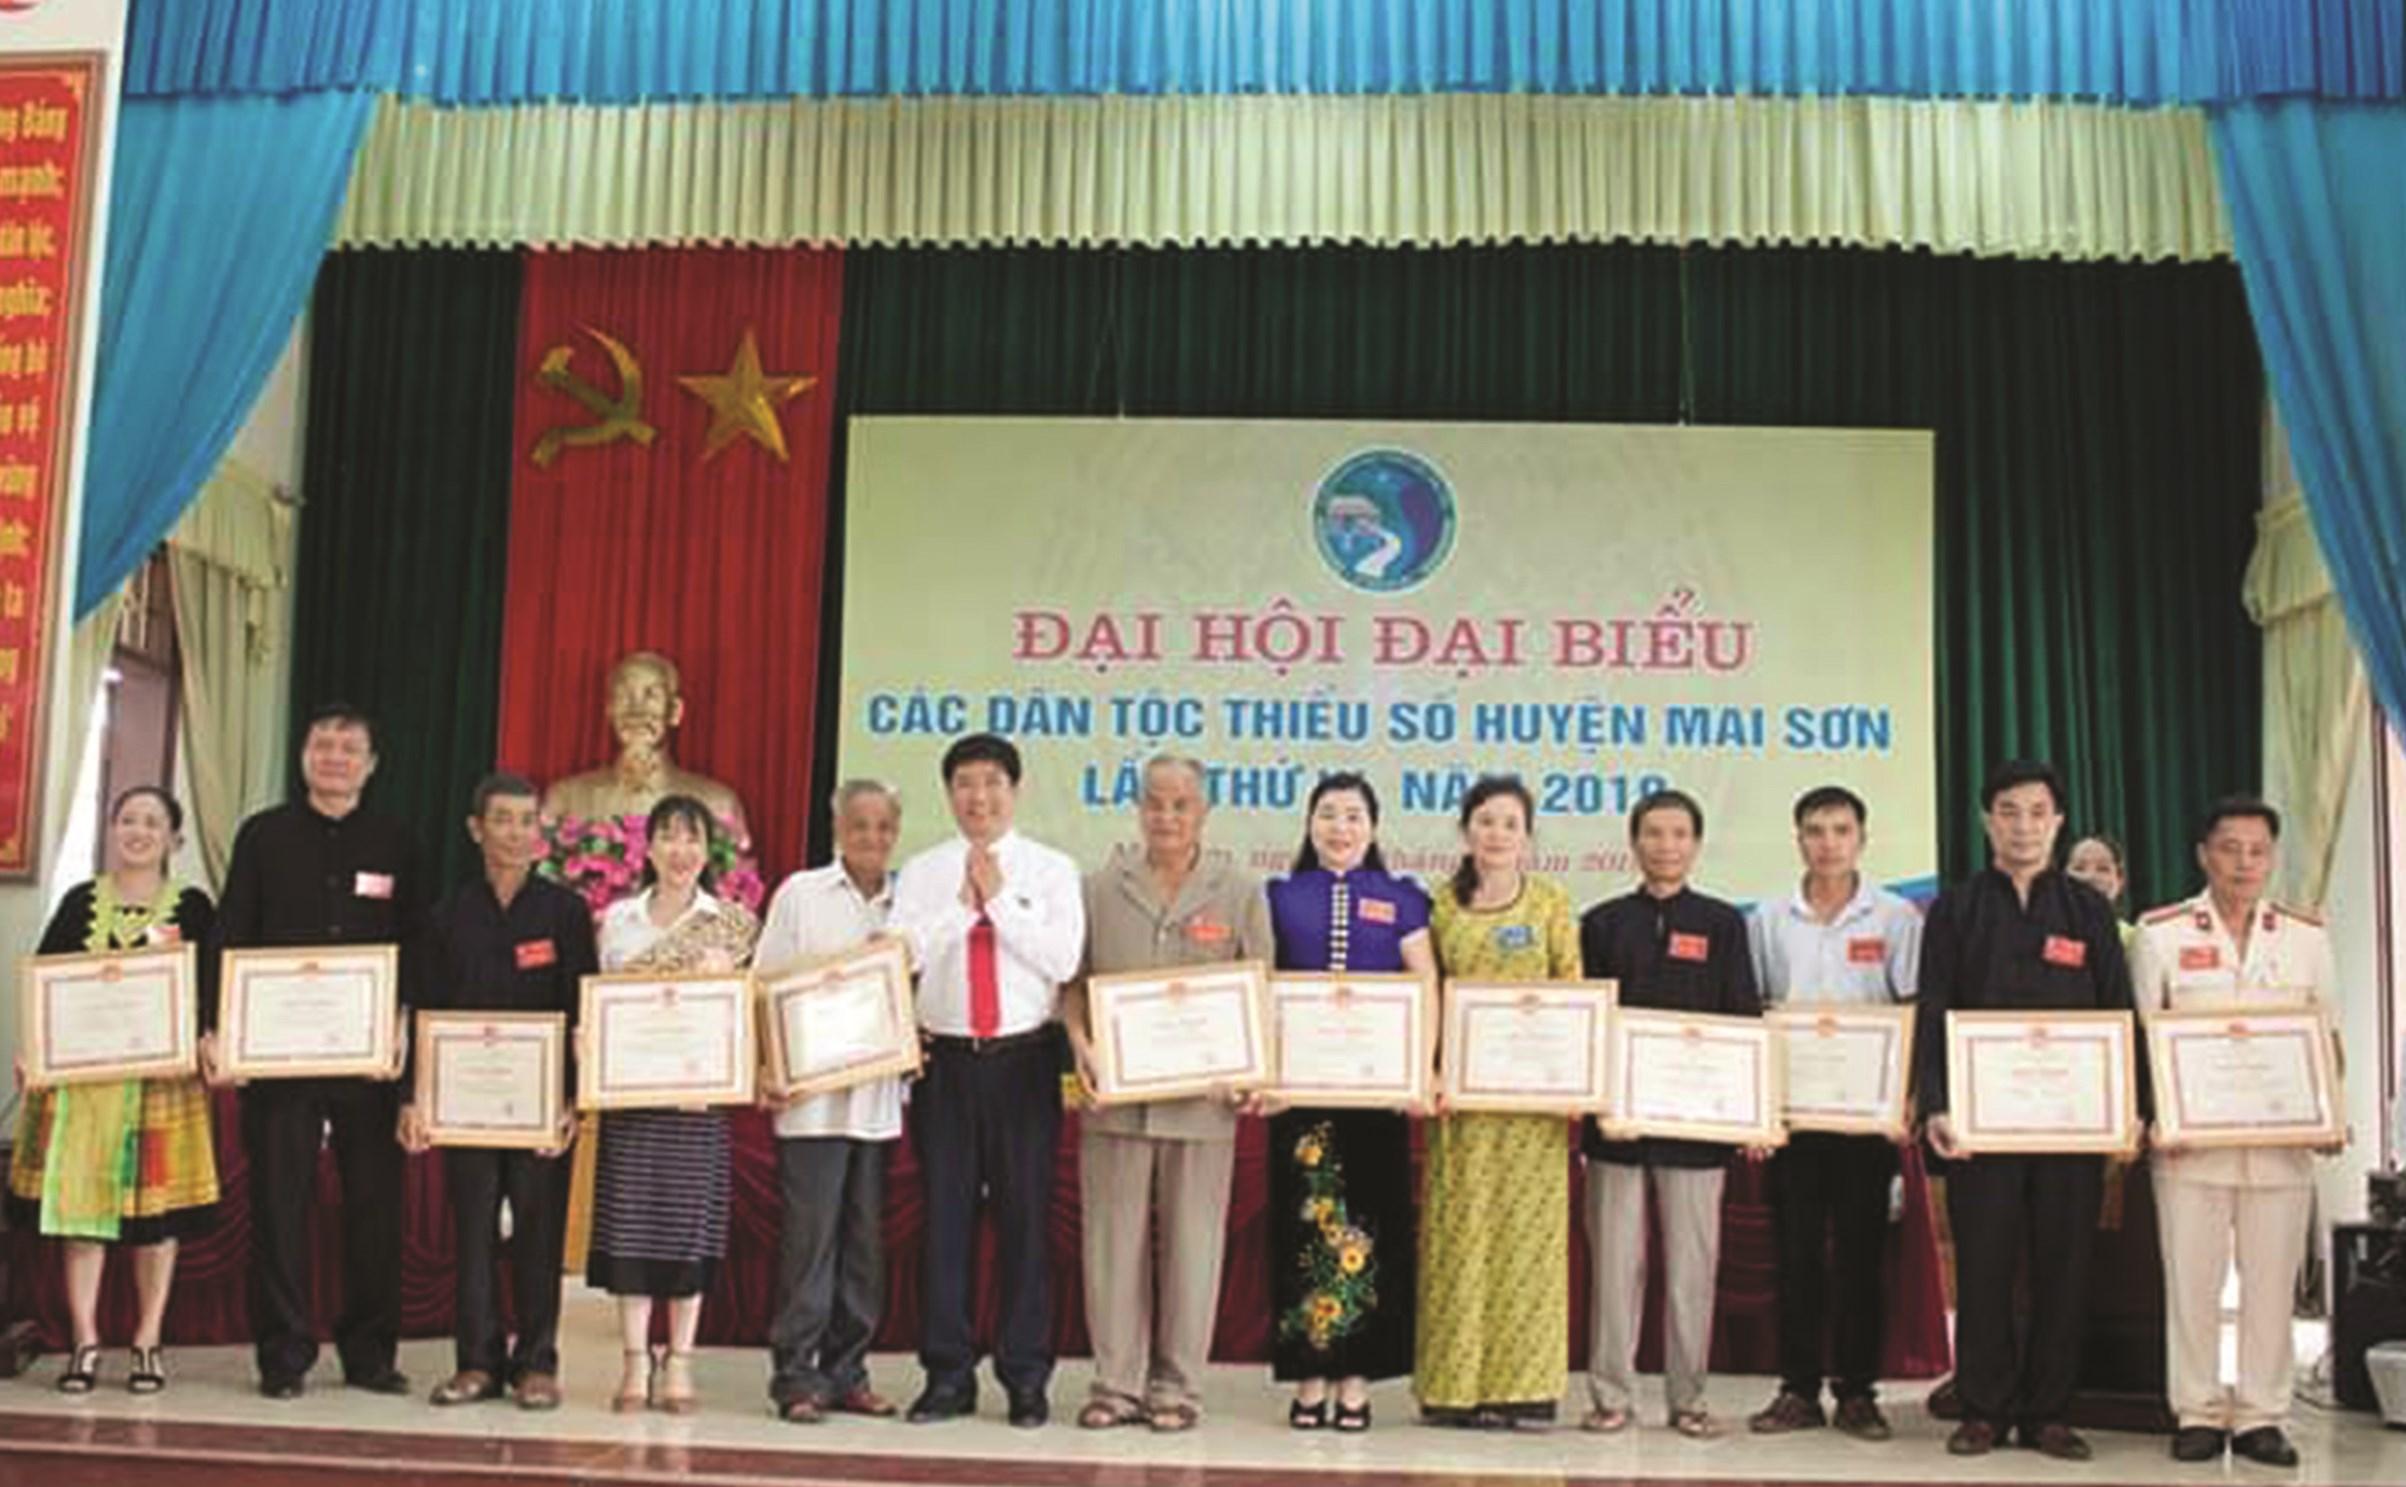 Cô Vàng Thị Nu (đầu tiên bên trái) nhận Giấy khen của Chủ tịch UBND huyện Mai Sơn tại Đại hội Đại biểu các DTTS huyện Mai Sơn lần thứ III, năm 2019